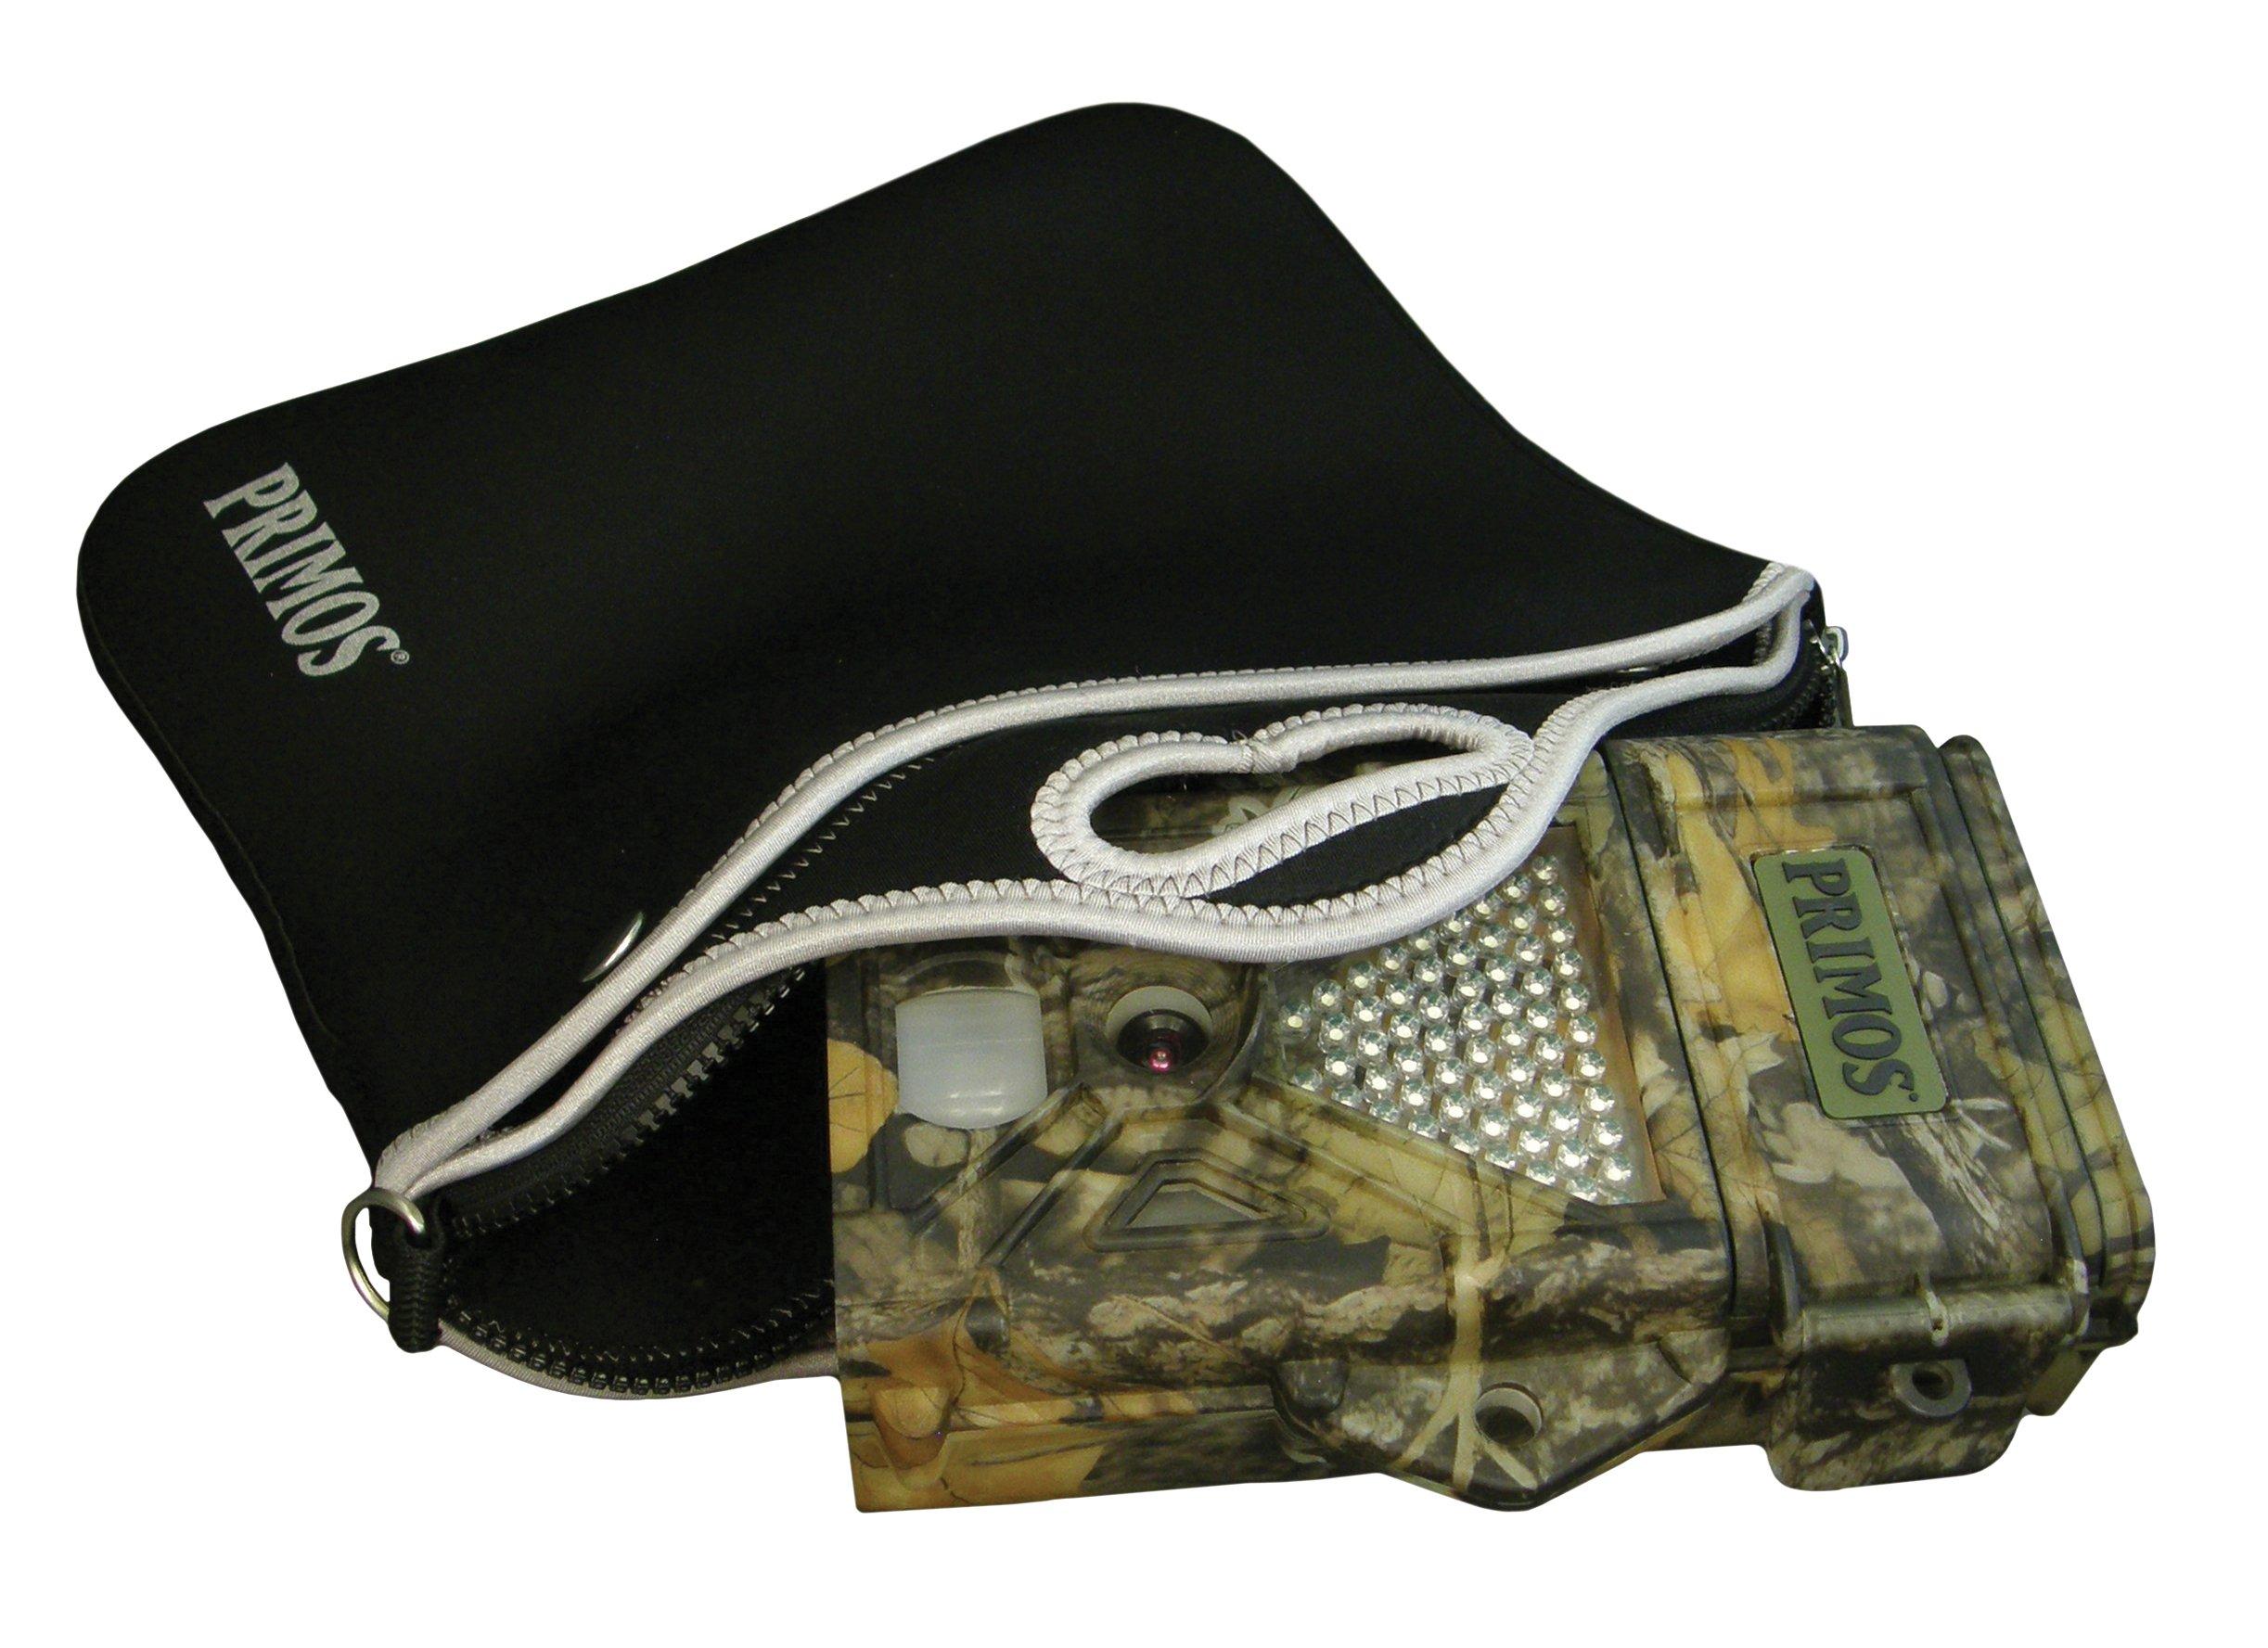 Primos Camera Glove Protective Case